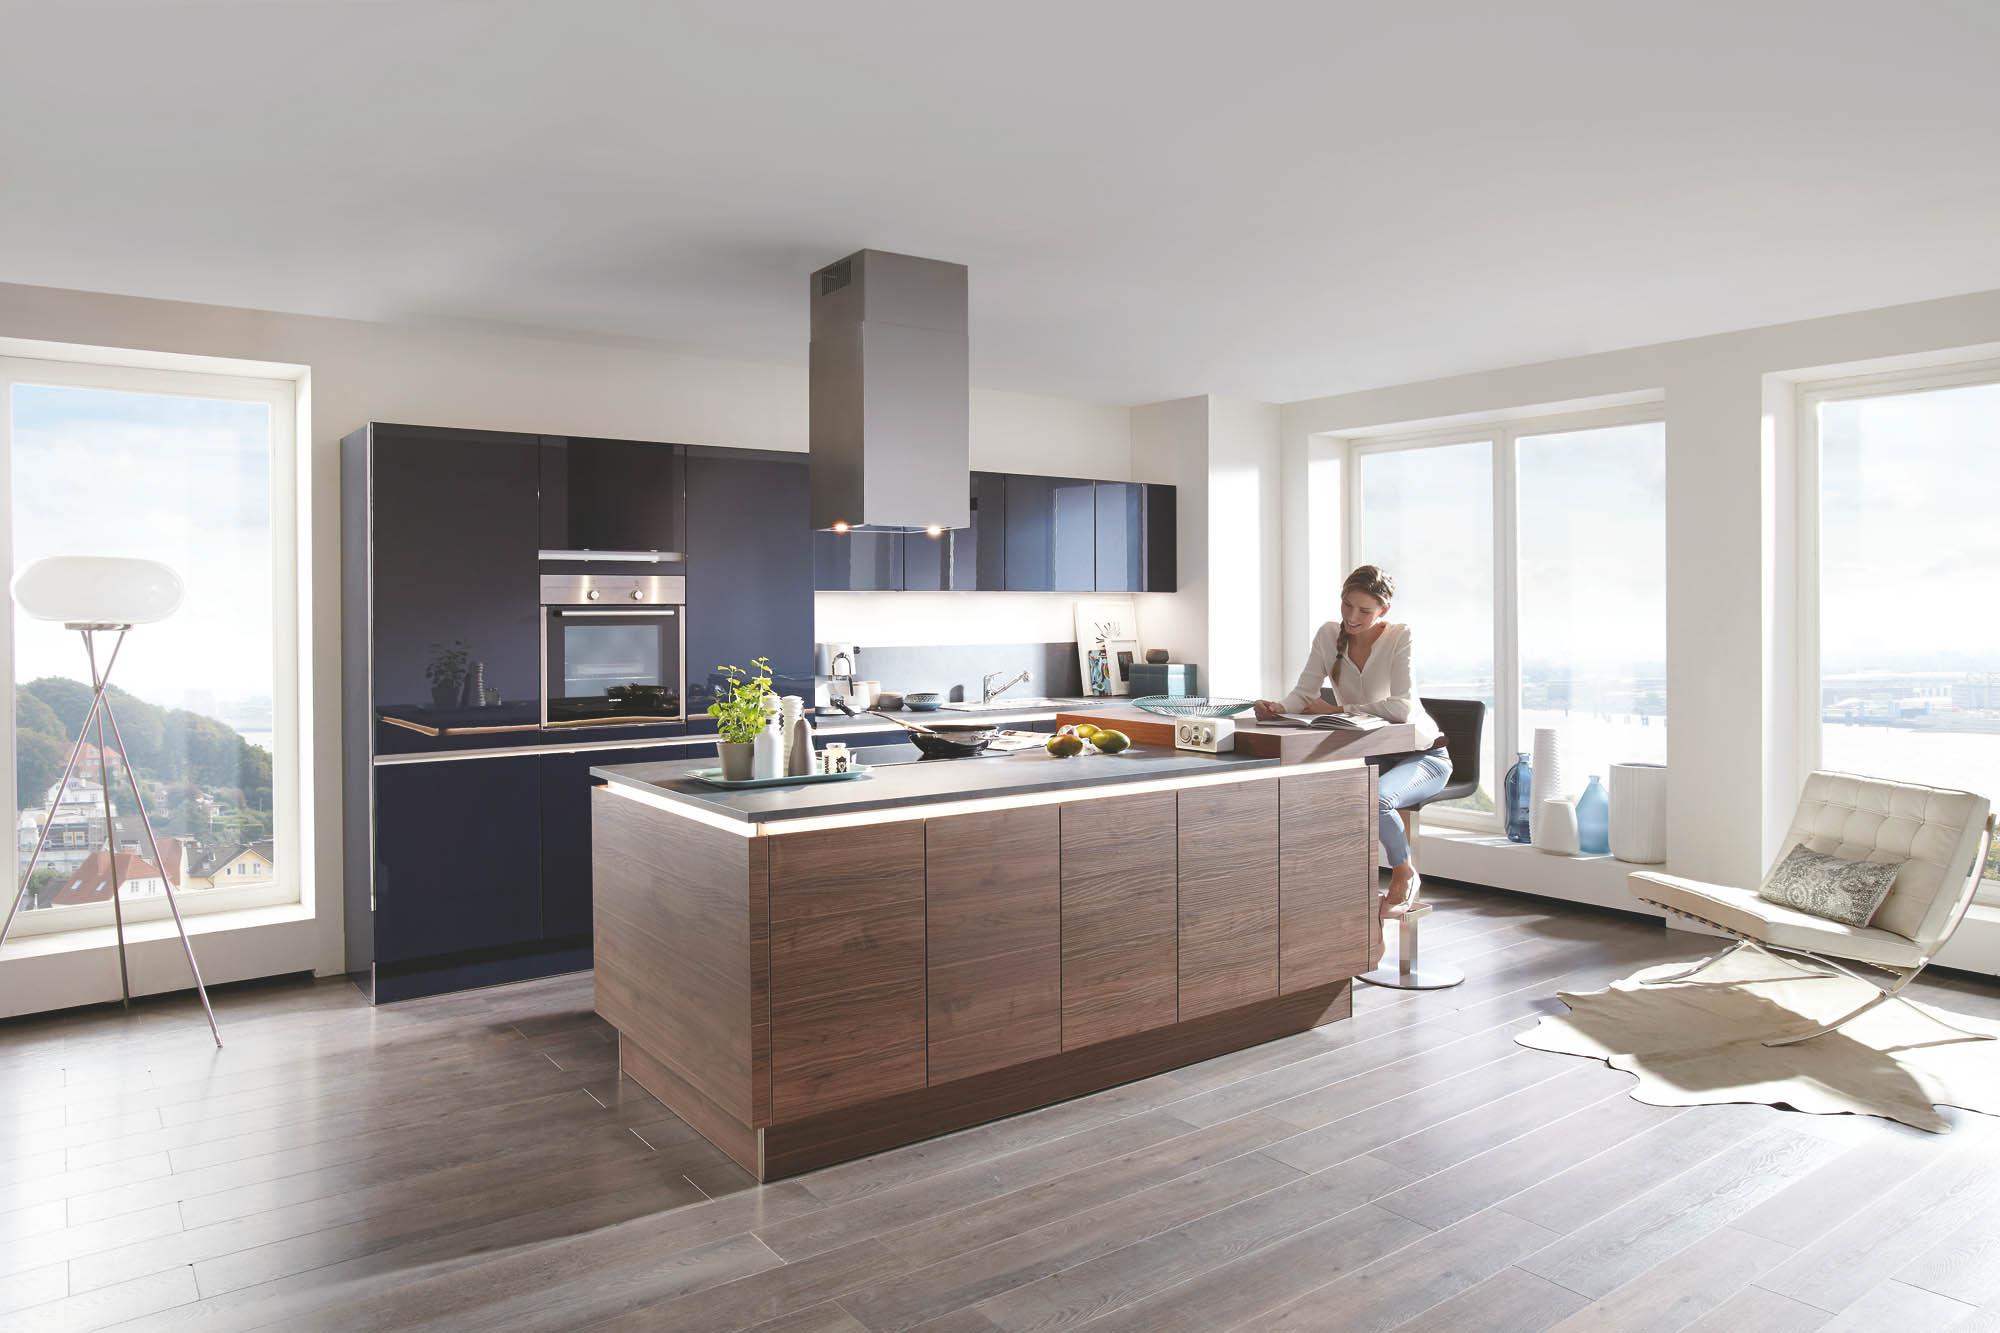 Küchencenter  Küchencenter | Möbel Pagnia